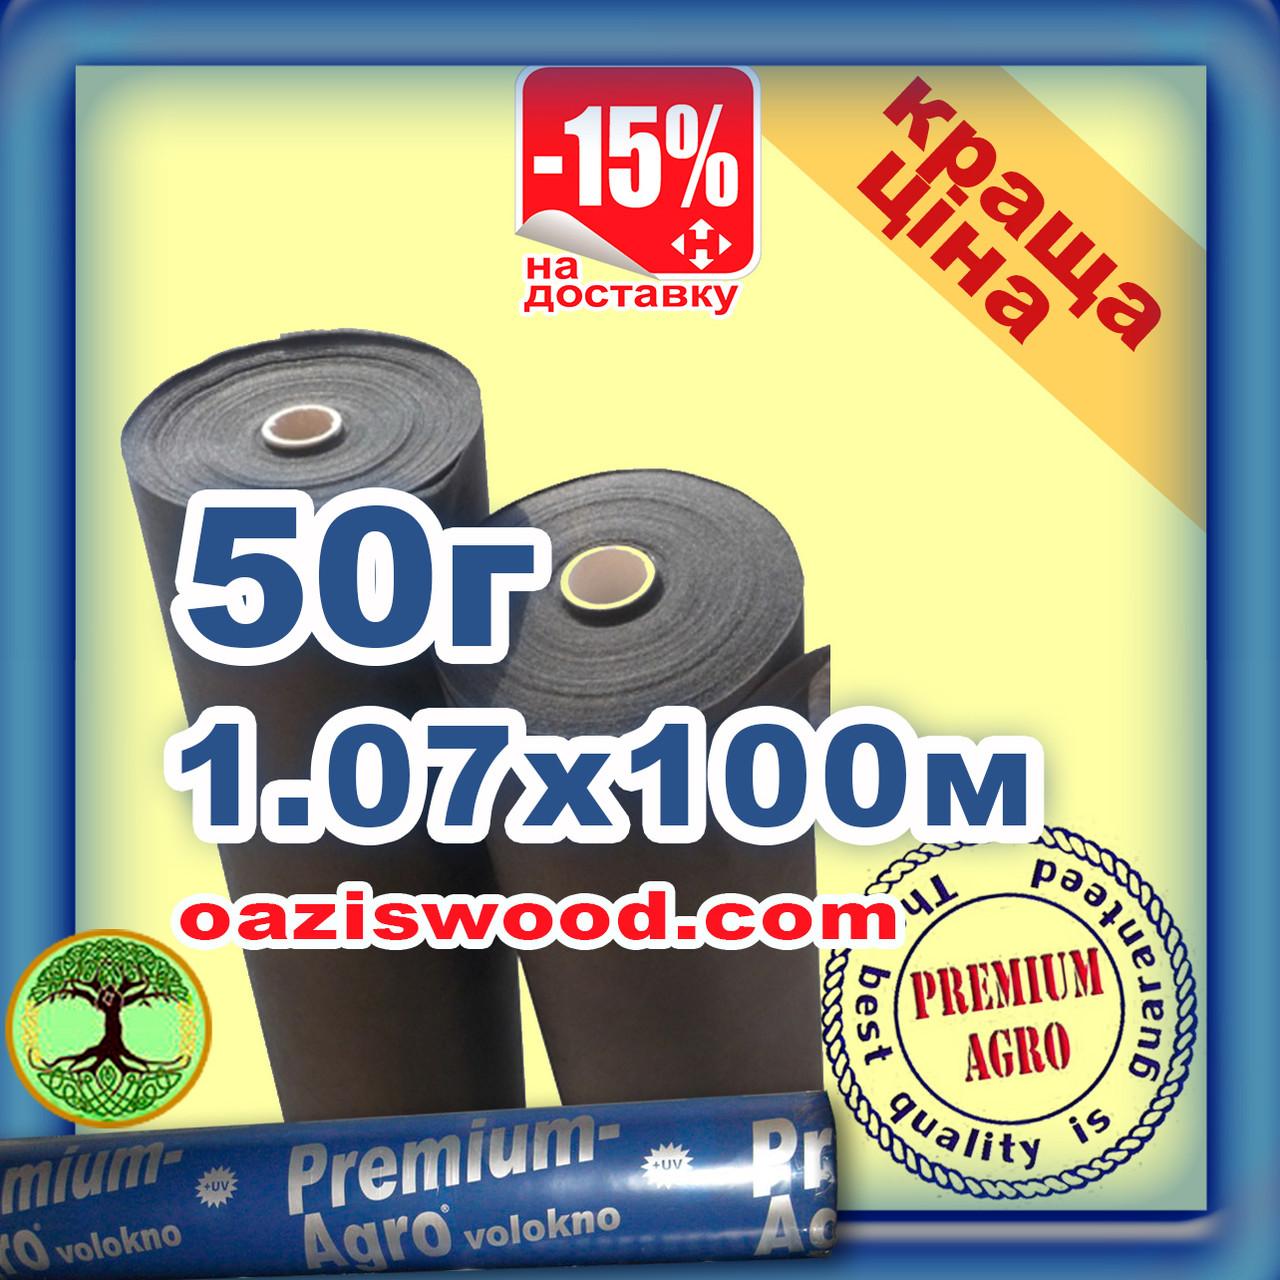 Агроволокно p-50g 1.07*100м черное UV-P 4.5% Premium-Agro Польша